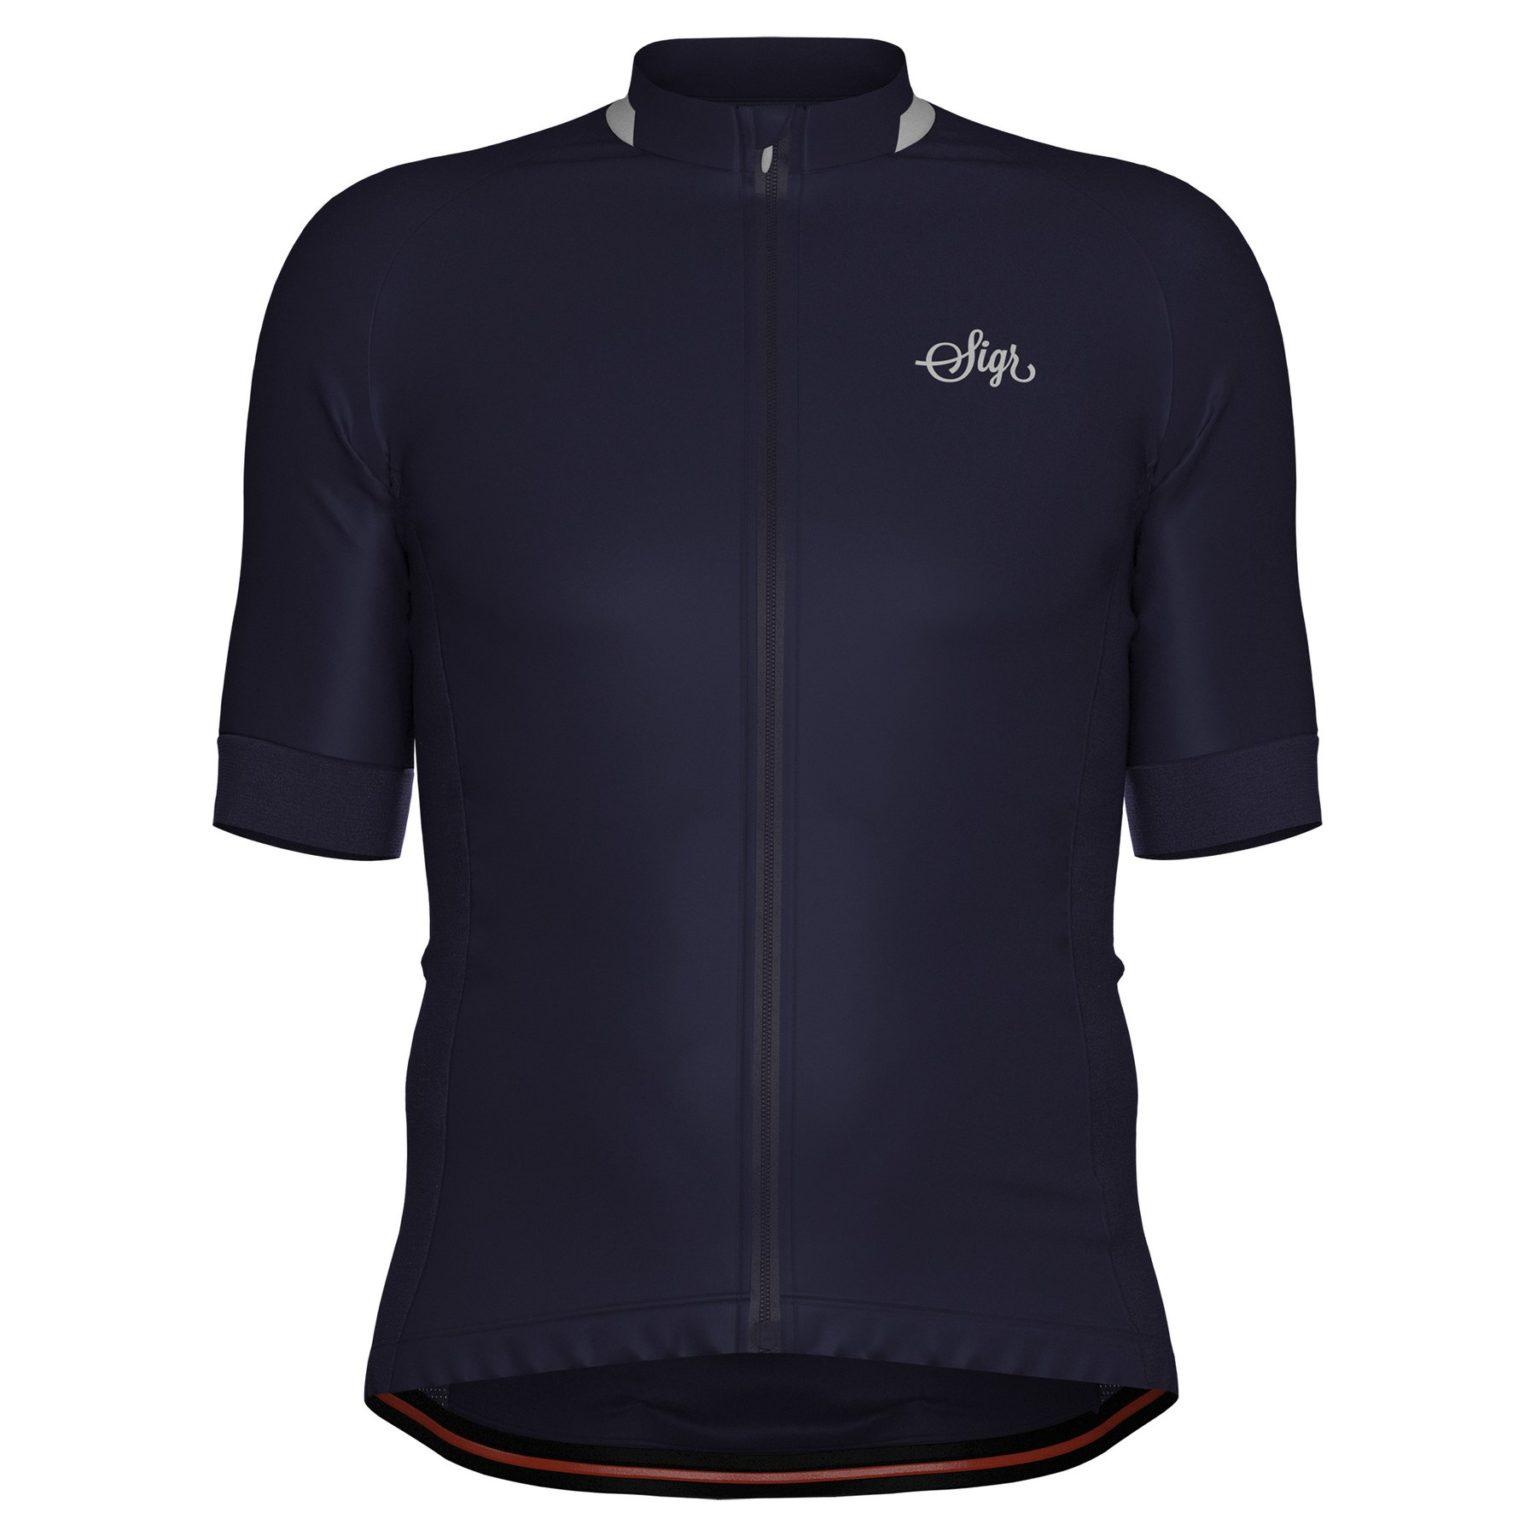 Sigr Blaklocka Dark Jersey for Men Front 61c05de0 0488 40e8 ab84 1ddcd26d25d2 1800x1800